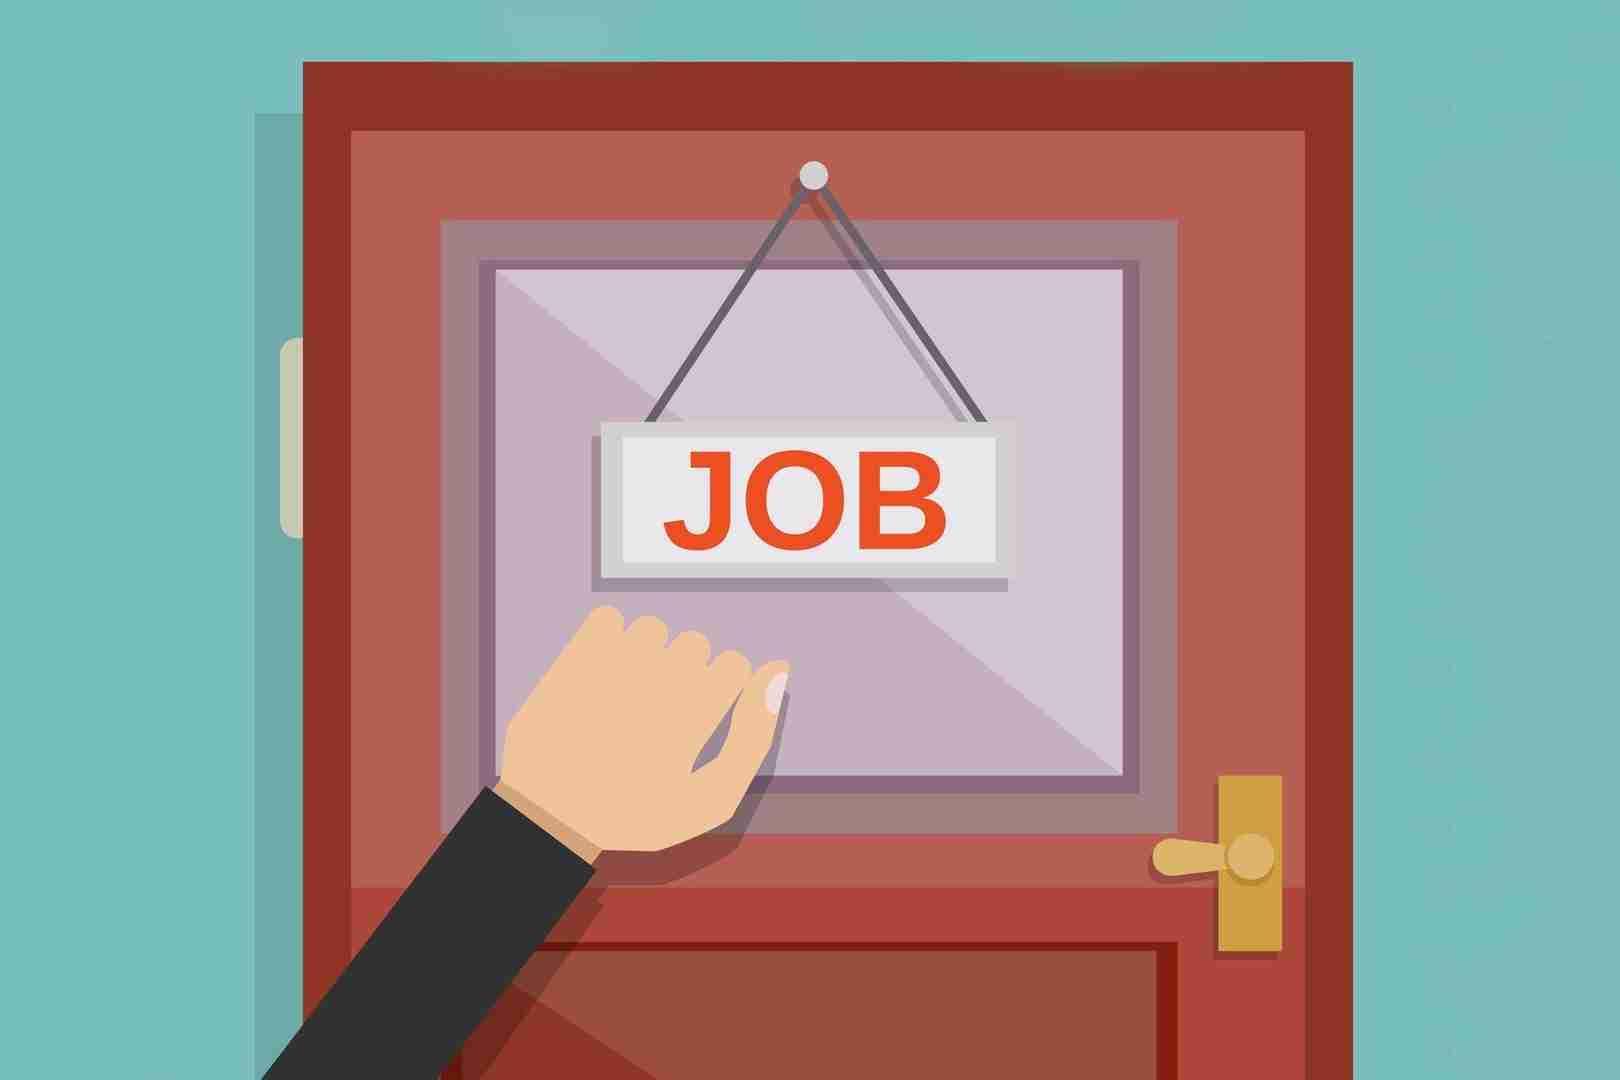 电子商务企业家精神随着失业率的上升而增长